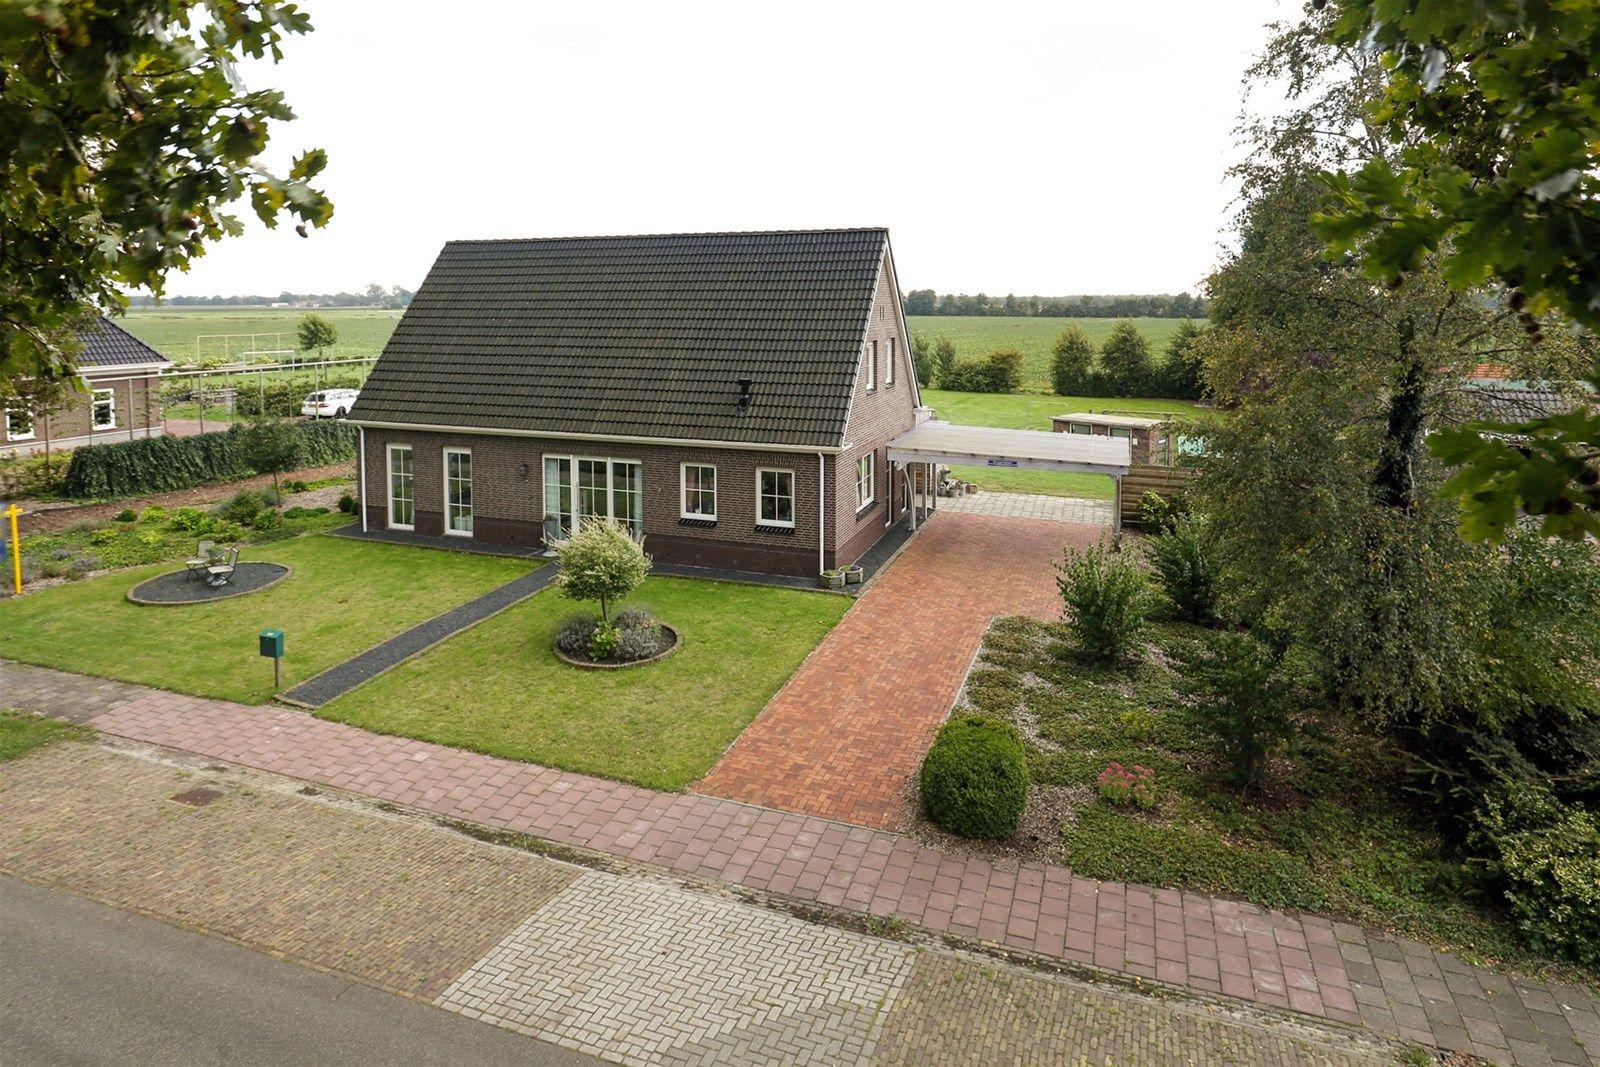 Europaweg 190, Nieuw-schoonebeek